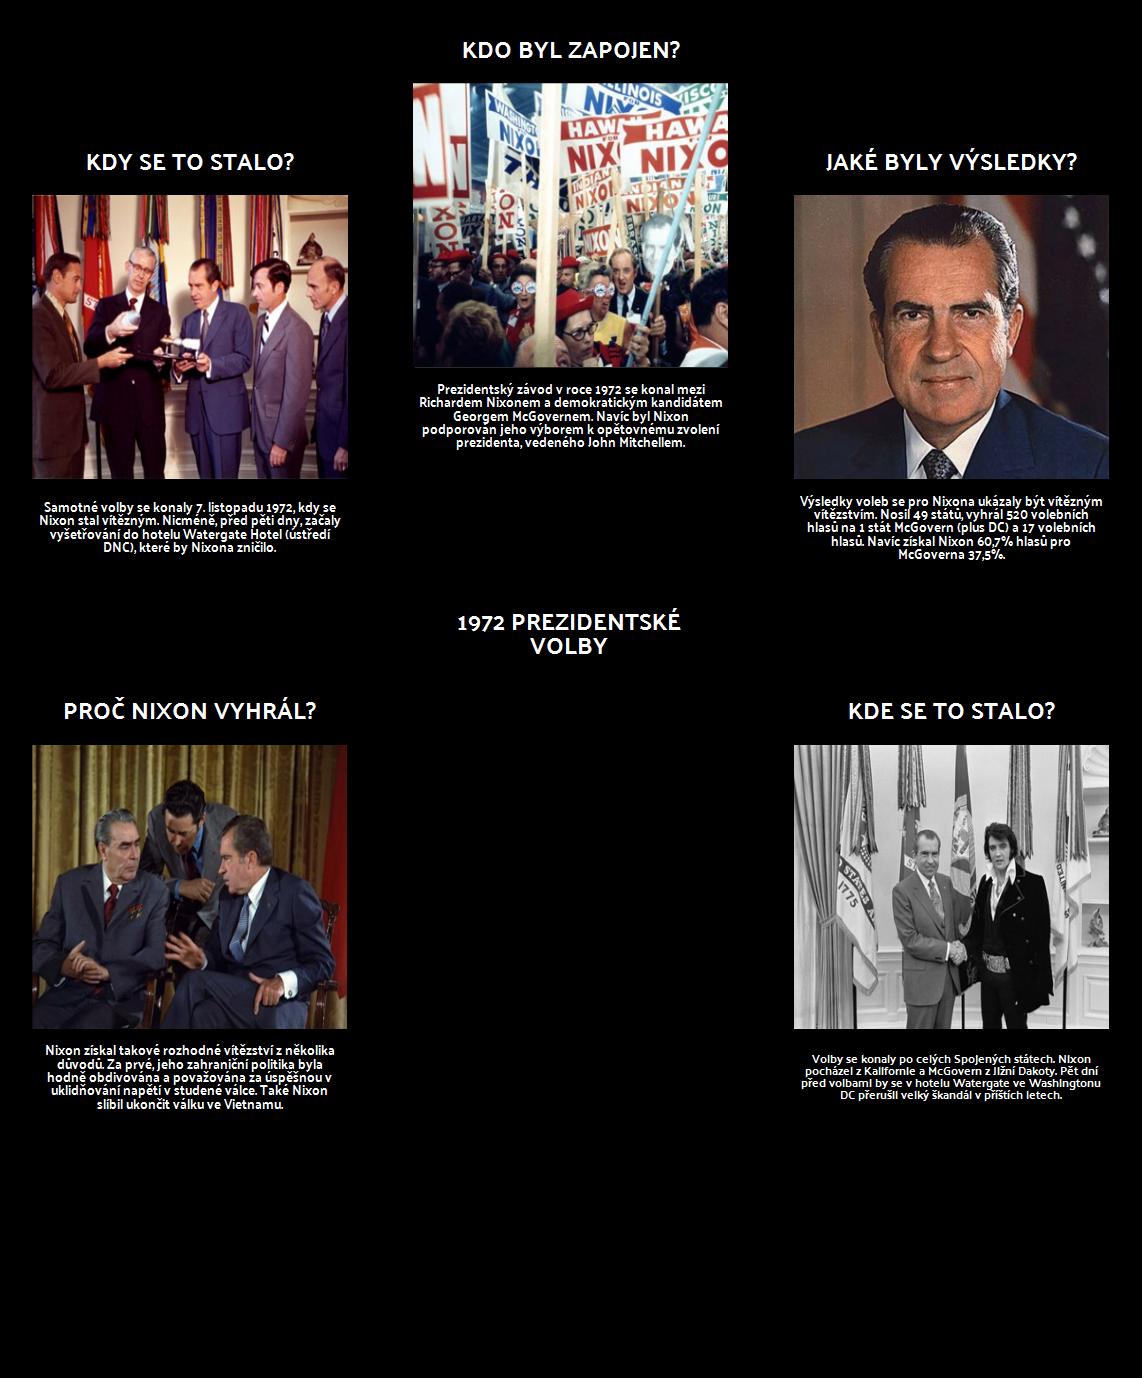 Předsednictví Richard Nixon - 5 WS 1972 volbách